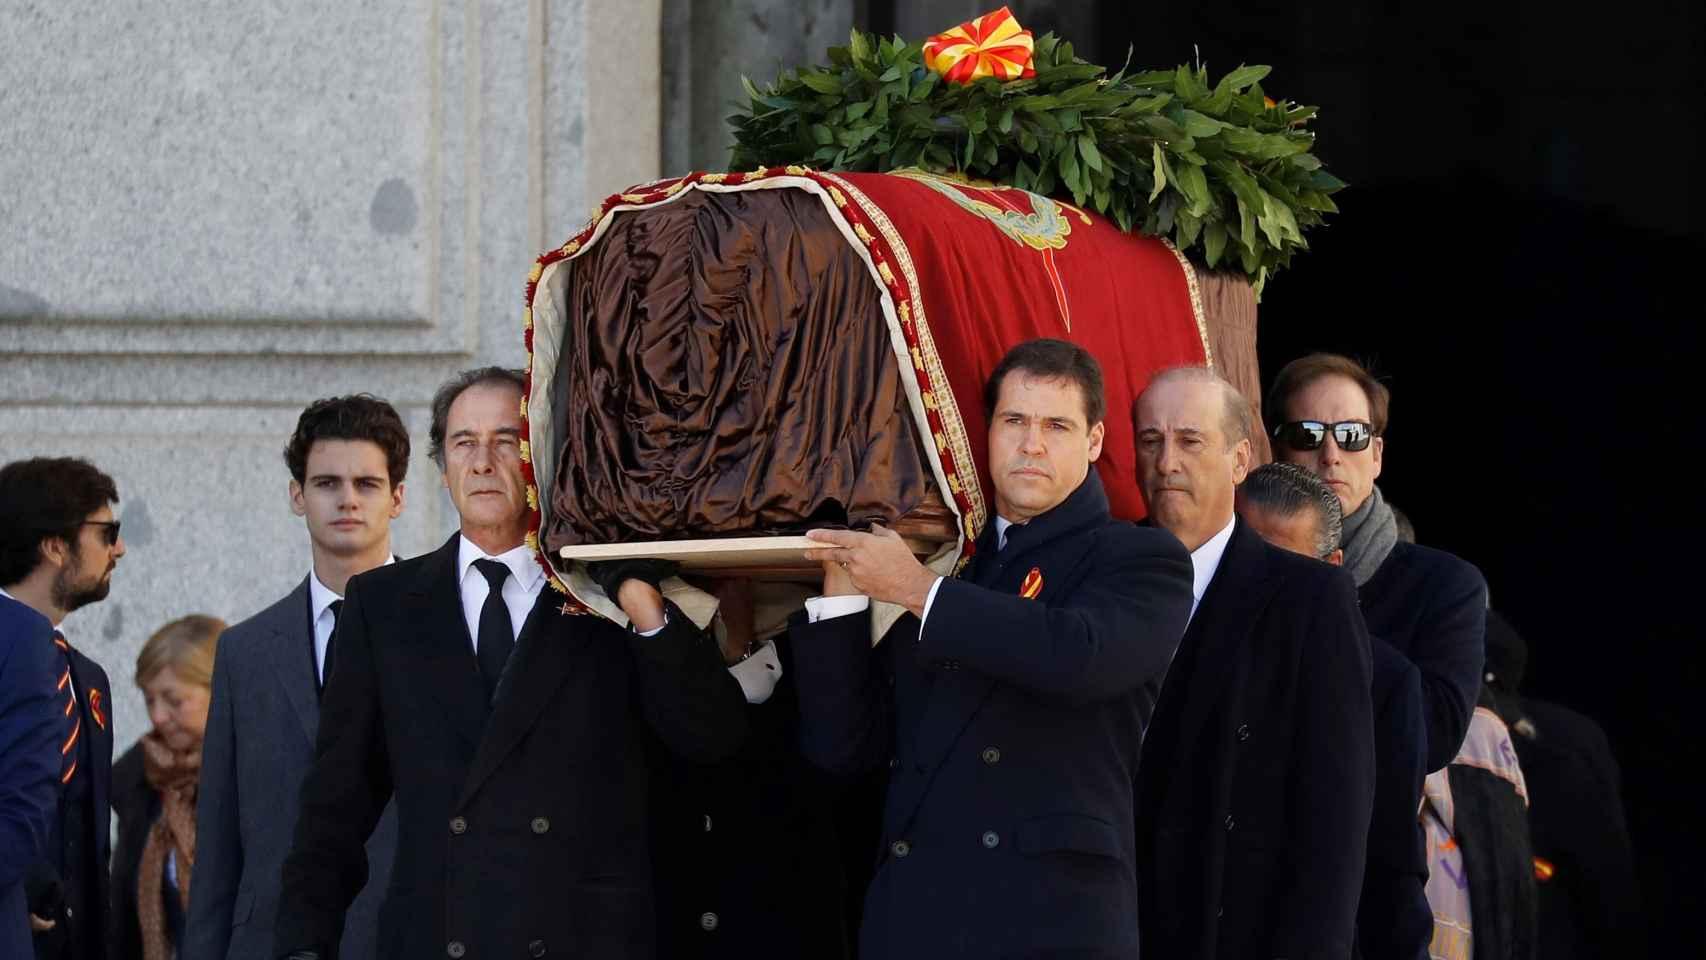 La histórica exhumación de Franco en imágenes